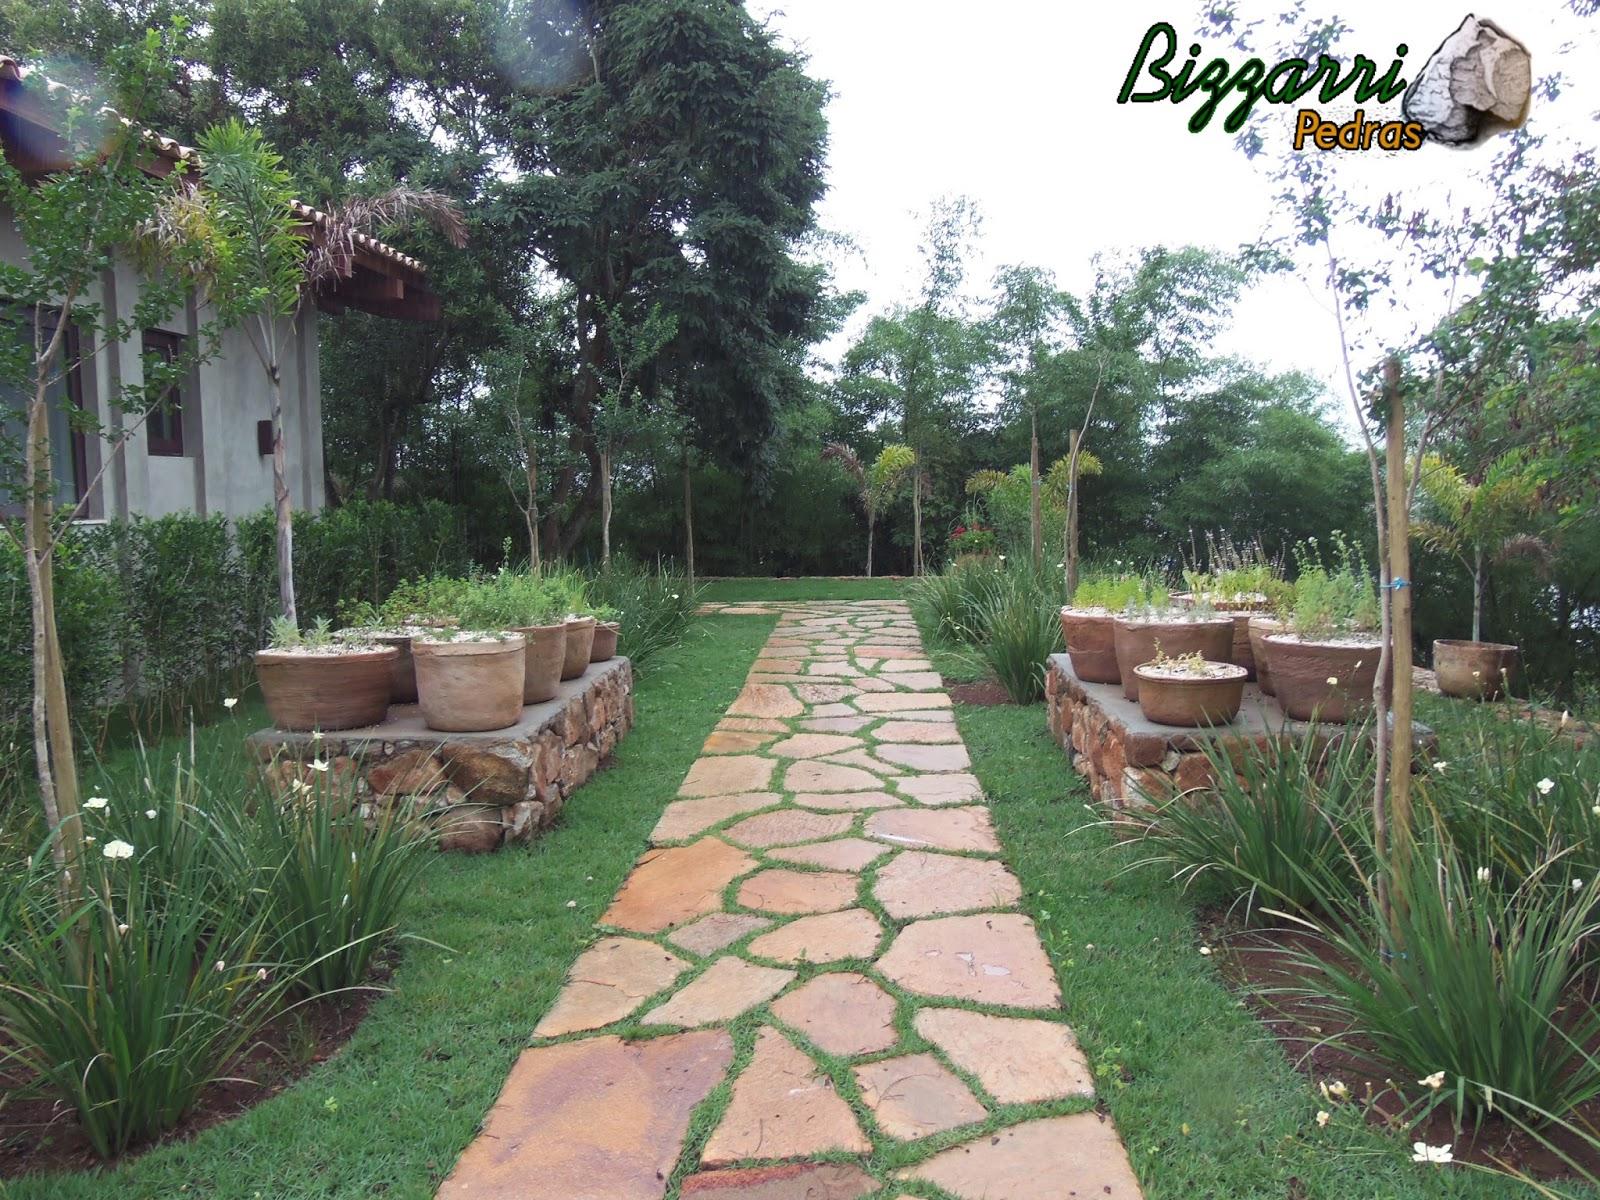 horta e jardim juntos:Caminho de pedra e horta de temperos terminados e finalizando o